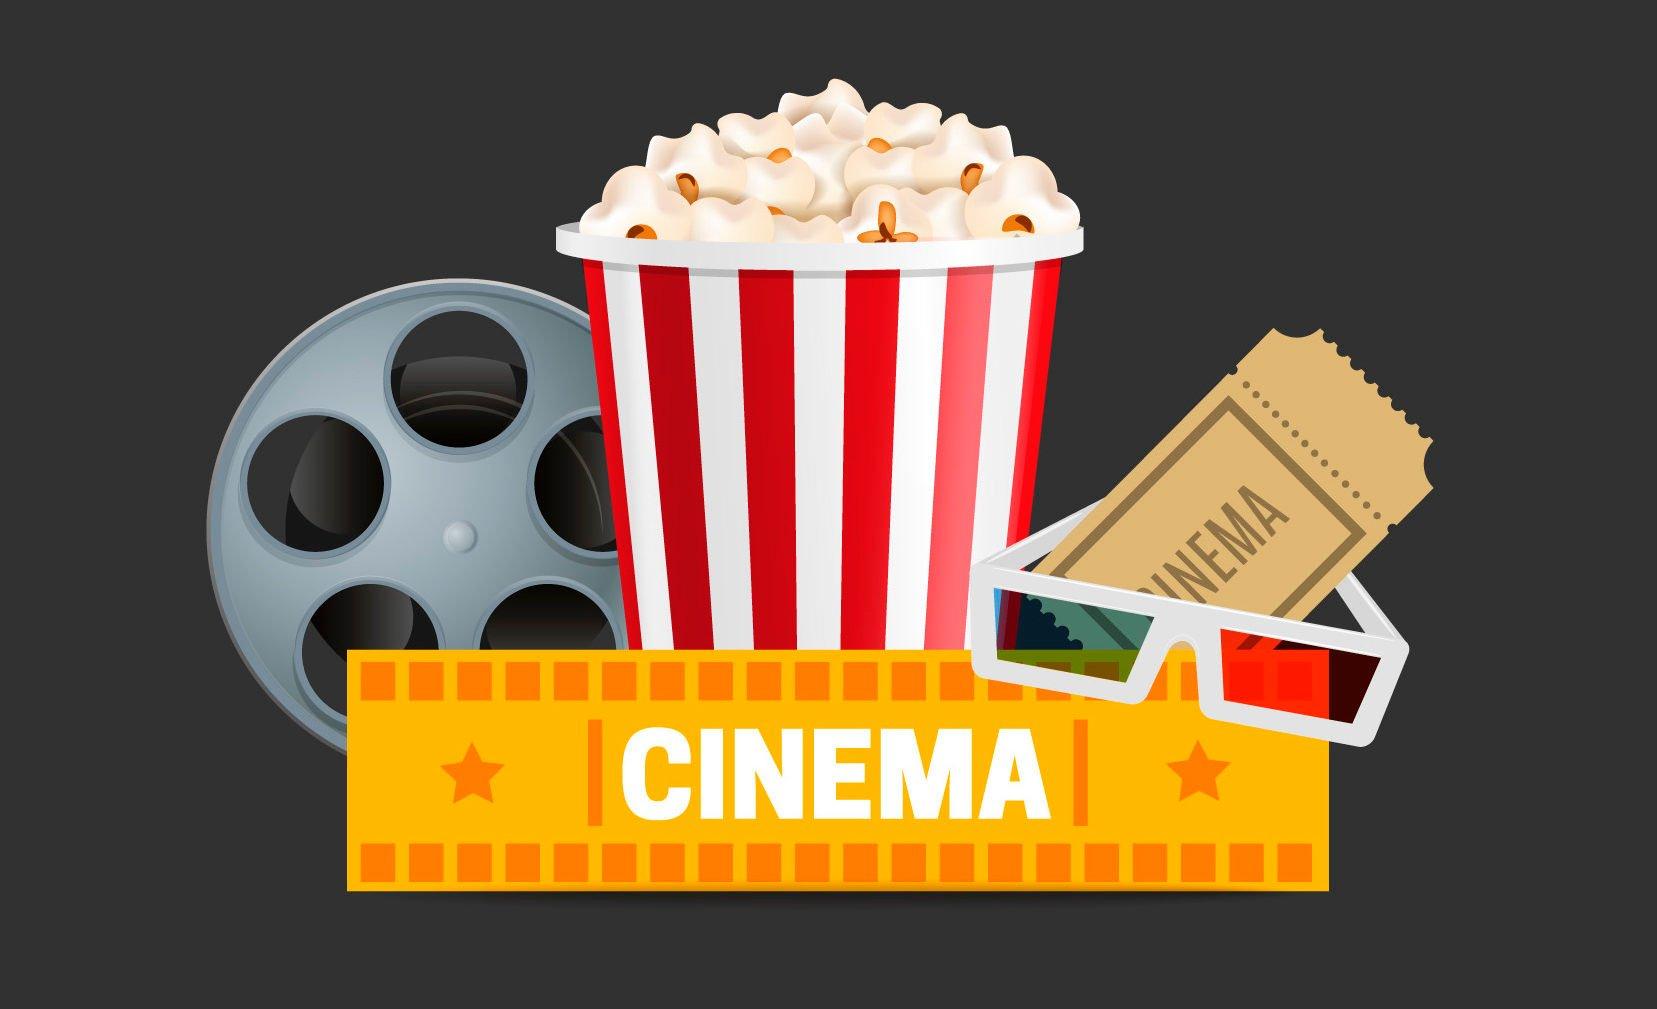 asx-vrl-village-shares-cinema-movies-ticket-tv-watch-film-3d